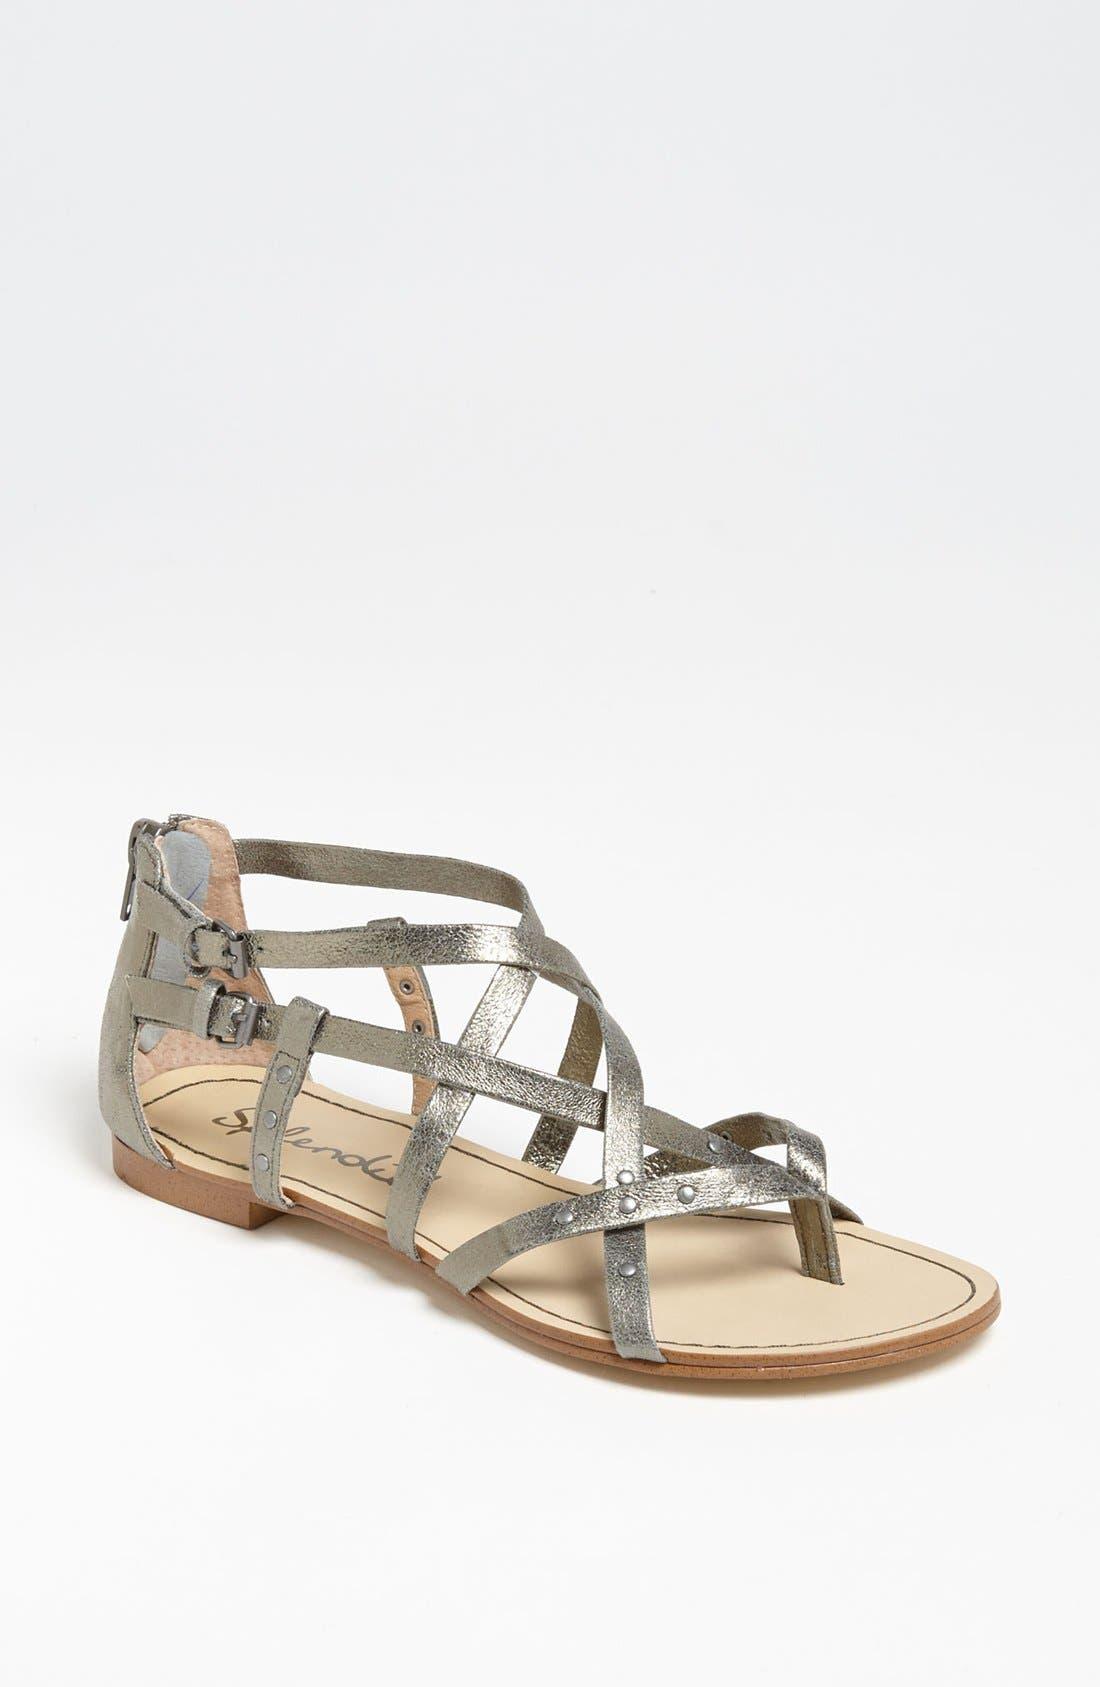 Alternate Image 1 Selected - Splendid 'Capetown' Sandal